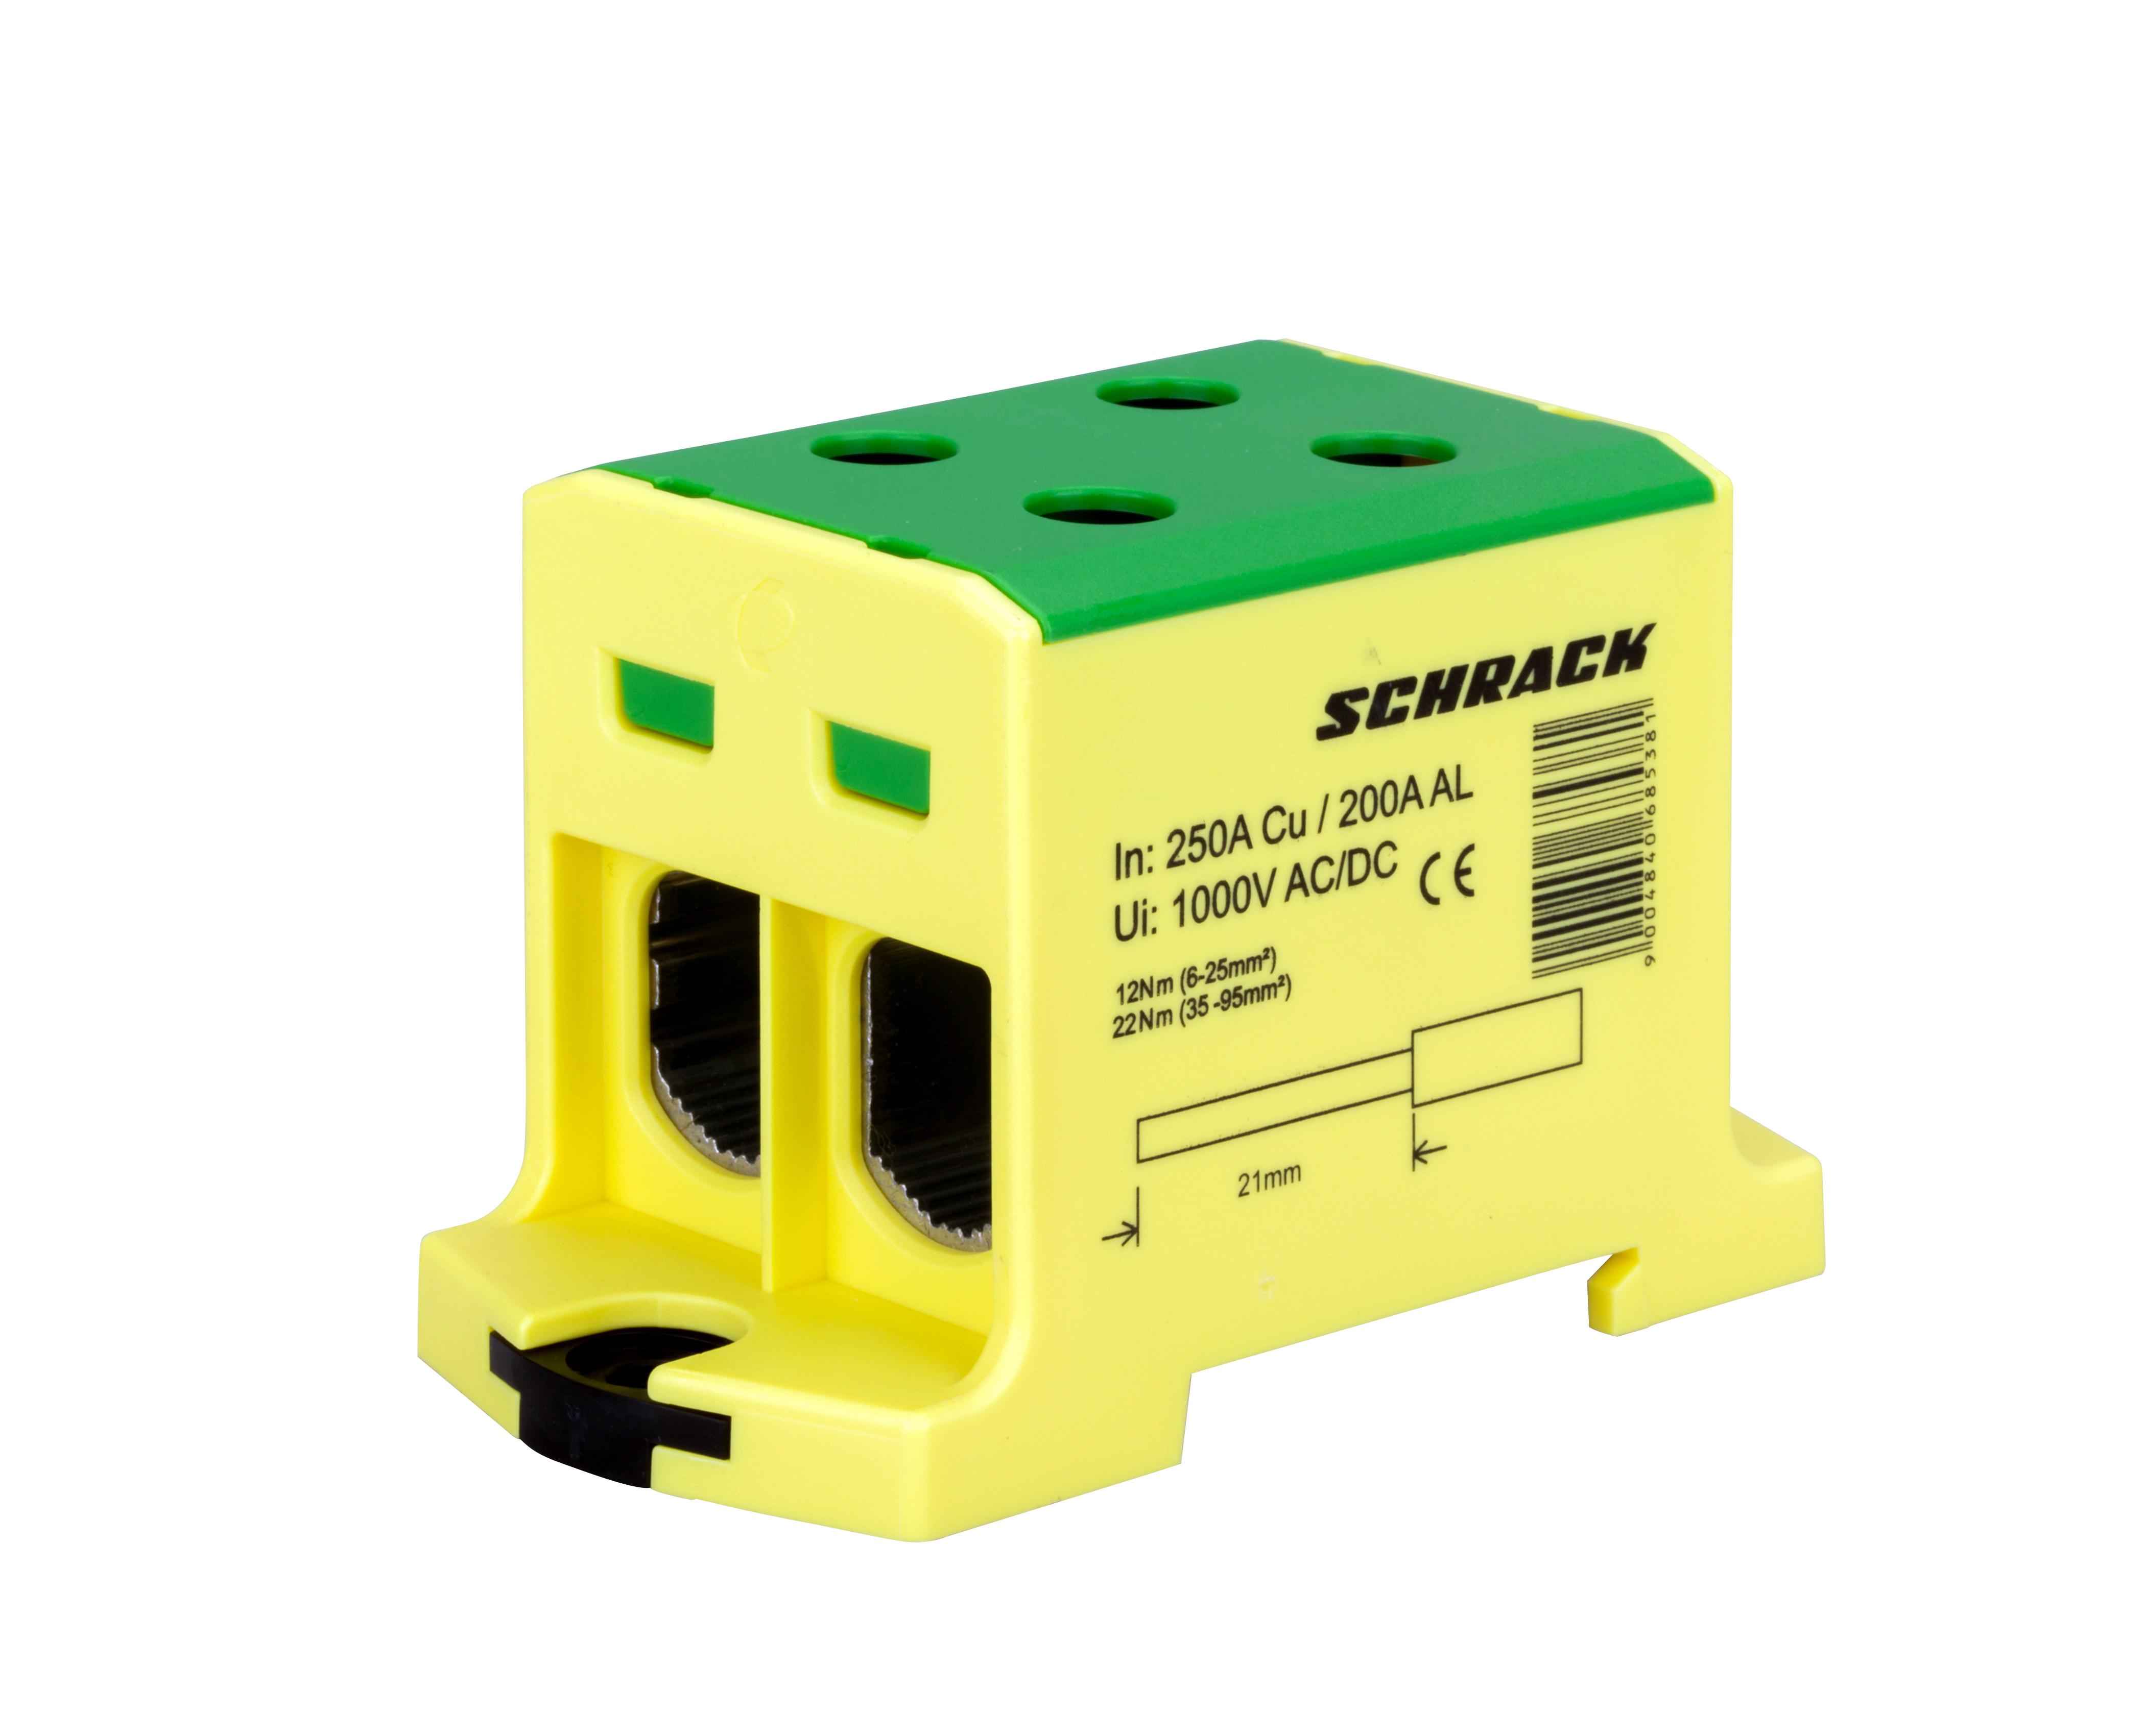 1 Stk Alu-Cu Klemme, 6-95mm², 2 Ab- und 2 Zugänge, grün-gelb IK021228--